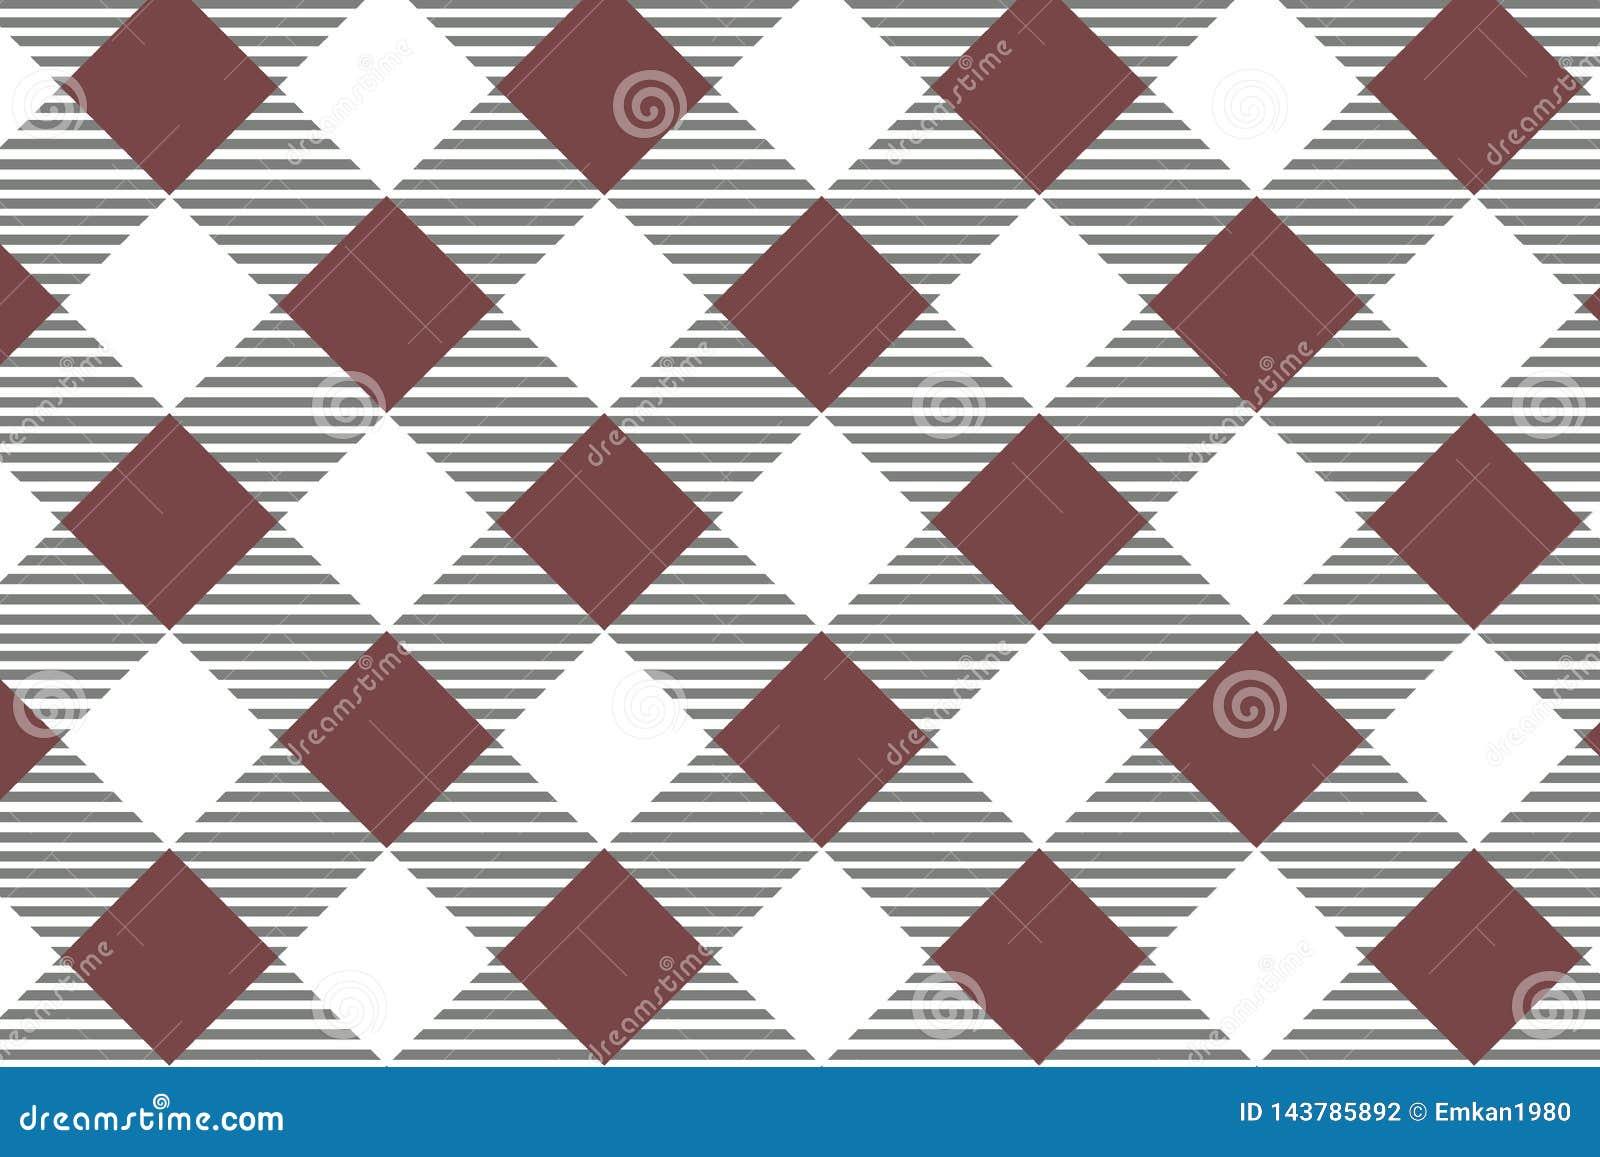 Κόκκινο διαγώνιο Gingham σχέδιο Σύσταση από το ρόμβο/τετράγωνα για - καρό, τραπεζομάντιλα, ενδύματα, πουκάμισα, φορέματα, έγγραφο